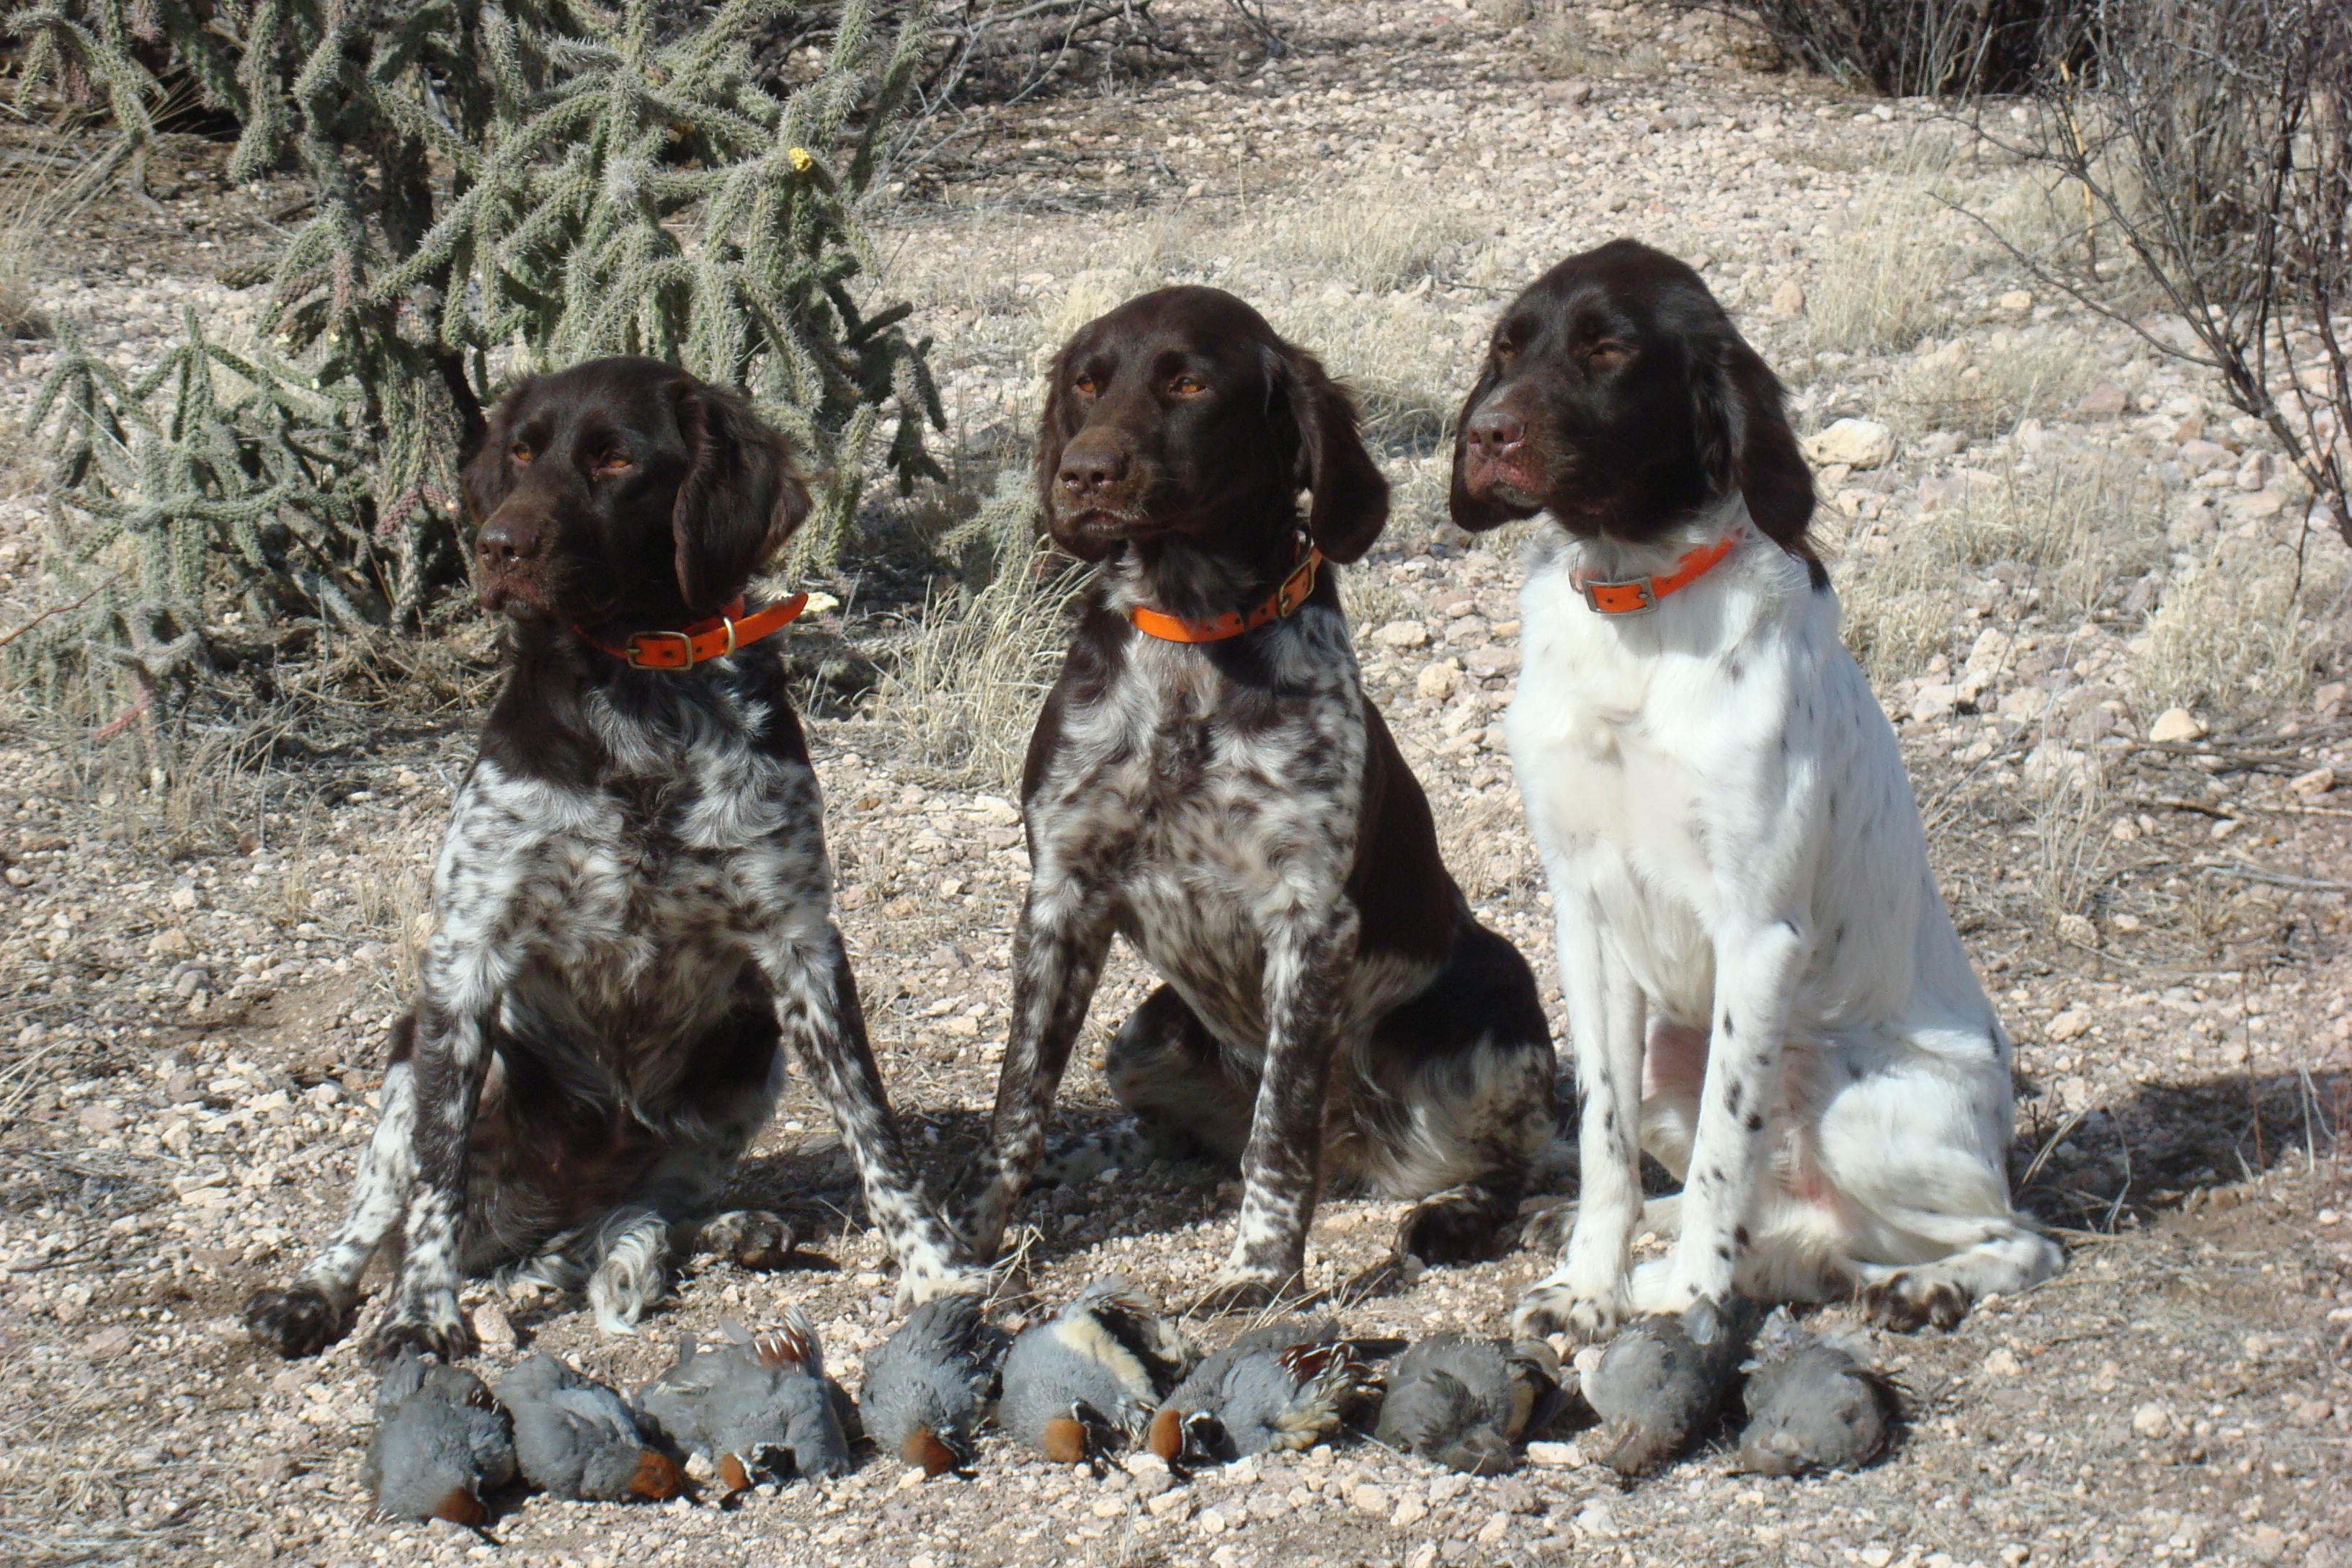 New Mexico Quail Hunting Adventure